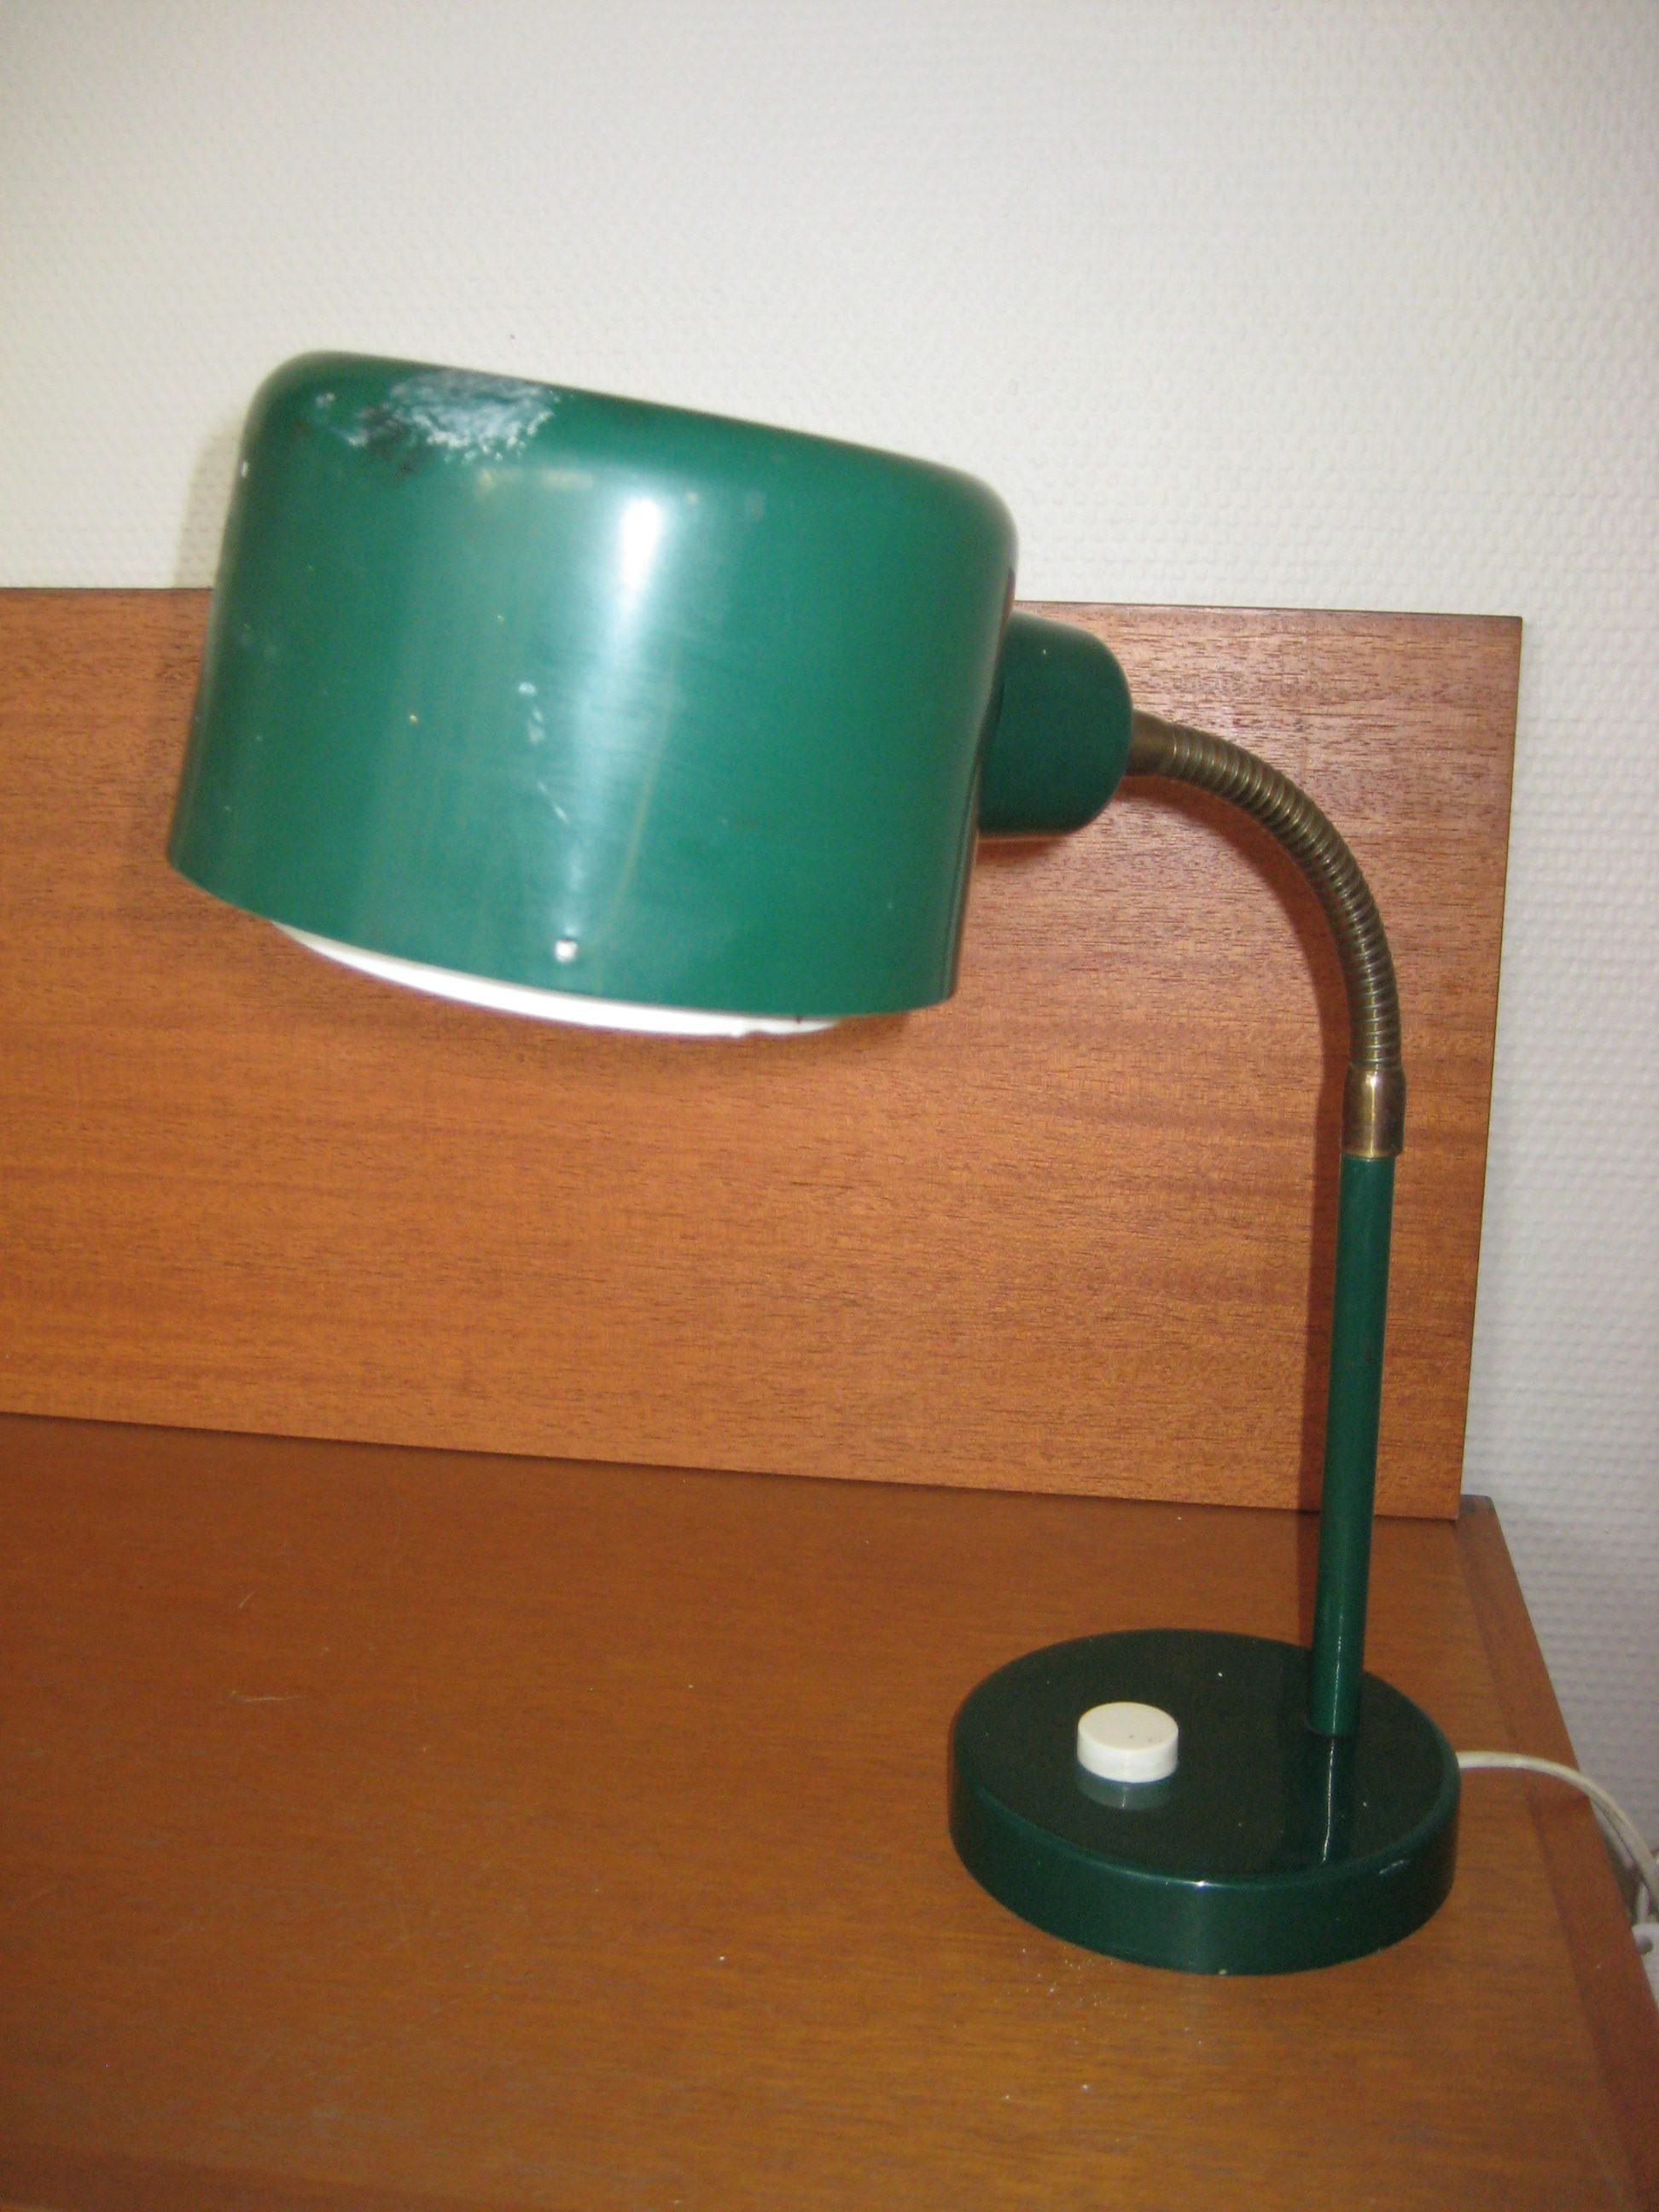 Grønlakeret retro bordlampe